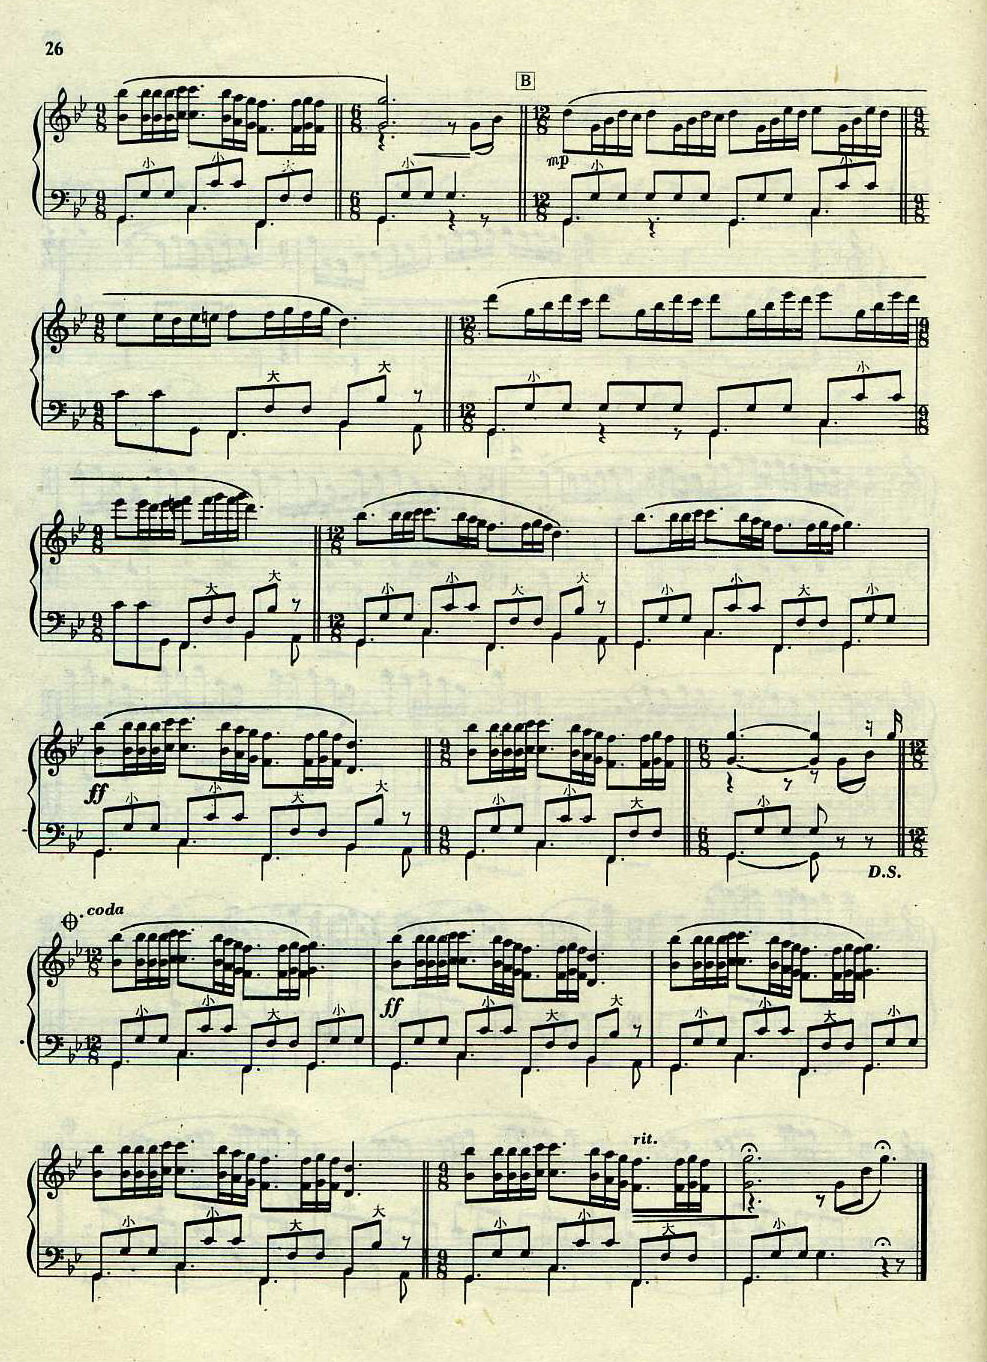 梦中的婚礼手风琴谱图片